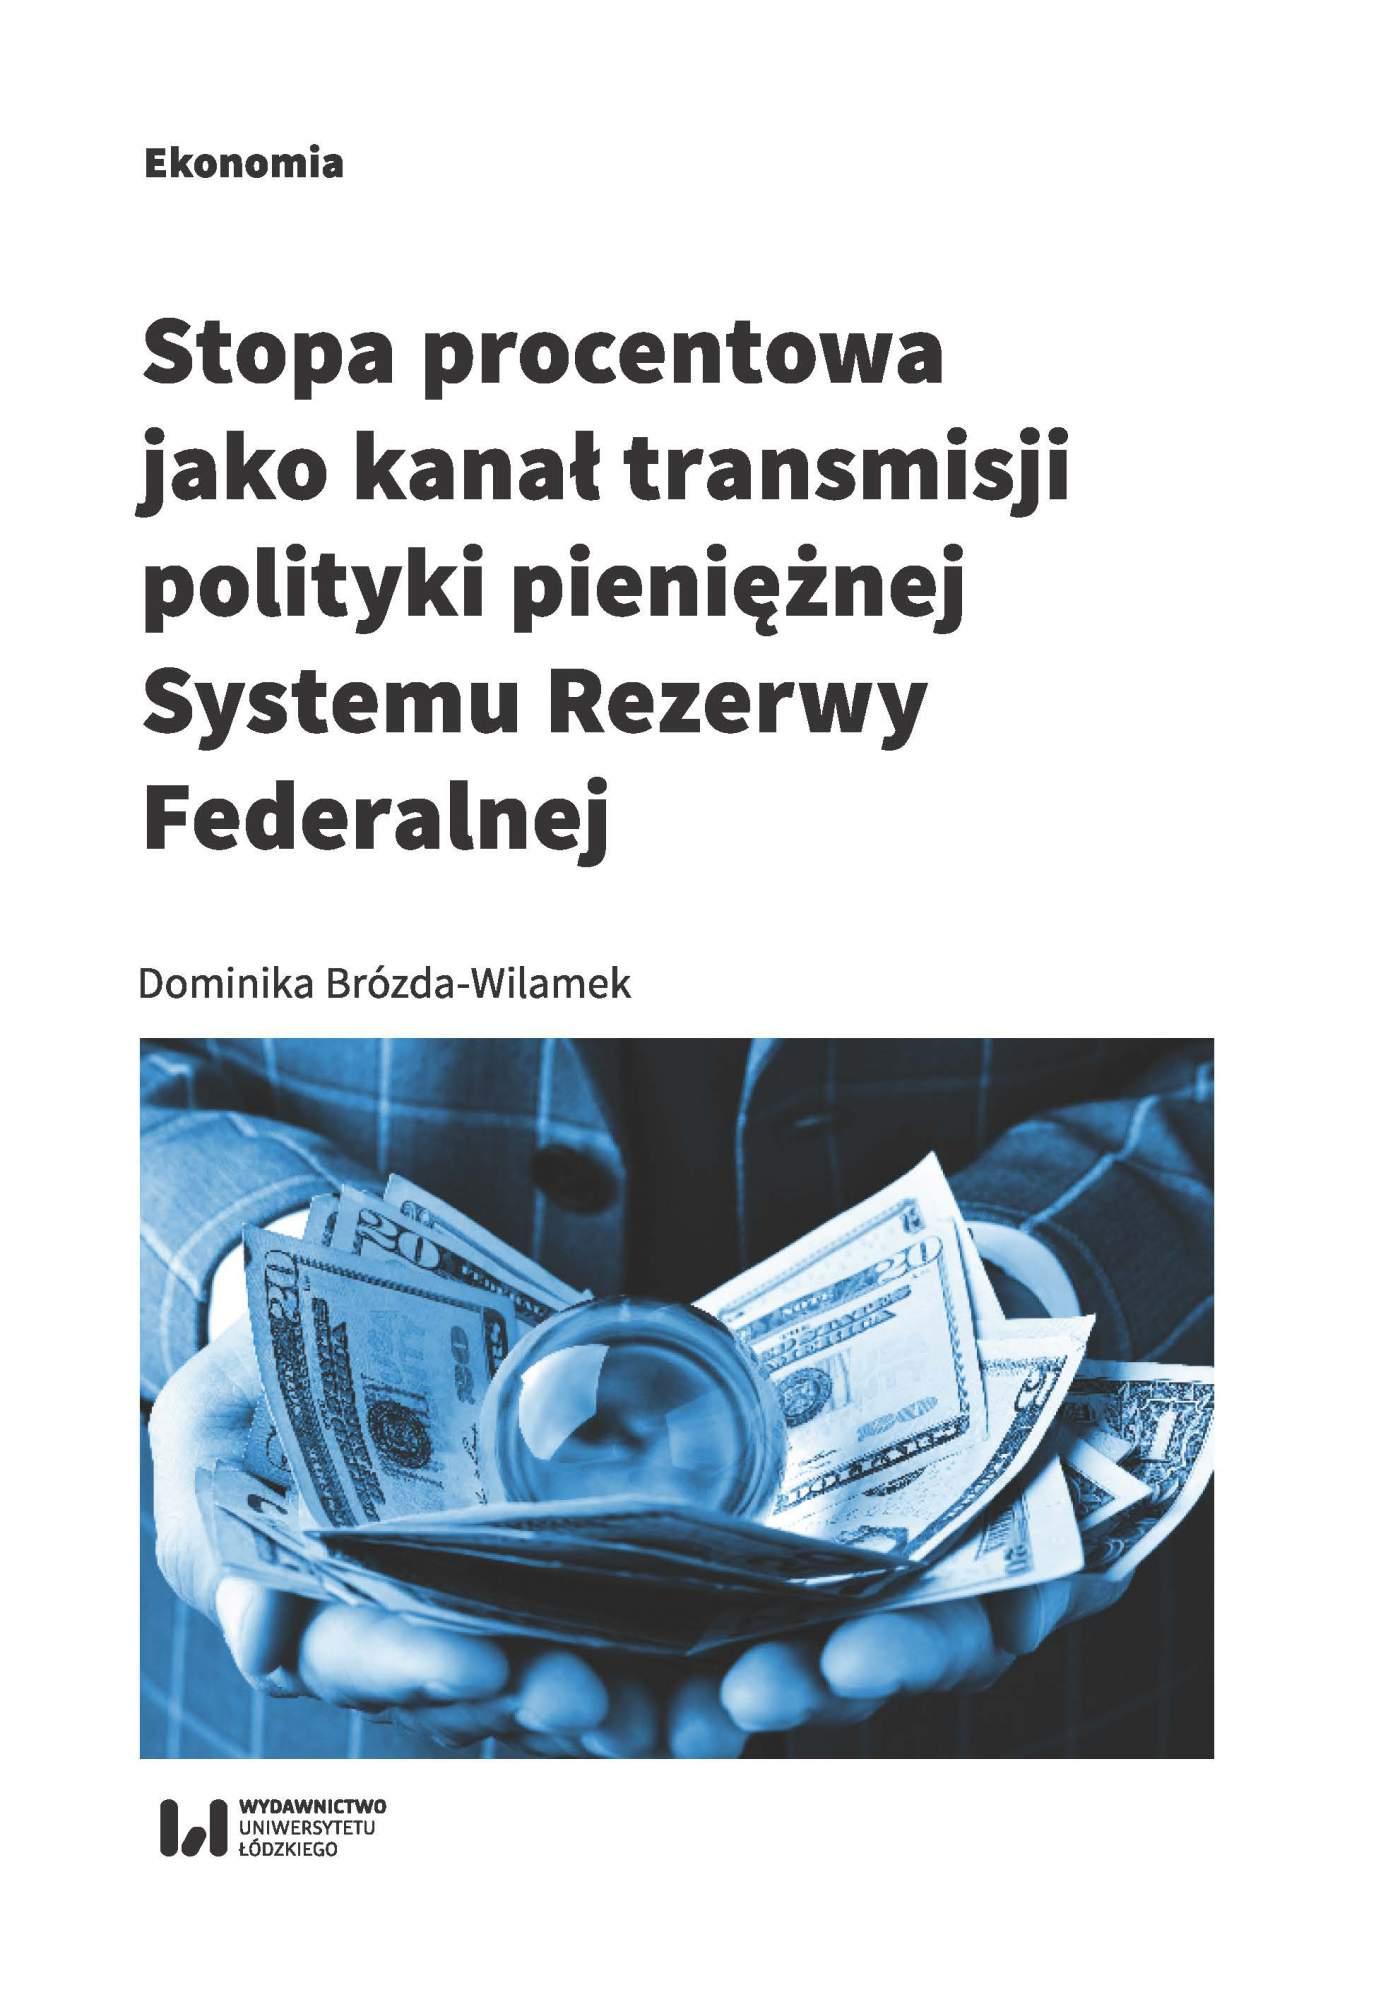 Stopa procentowa jako kanał transmisji polityki pieniężnej Systemu Rezerwy Federalnej - Ebook (Książka PDF) do pobrania w formacie PDF